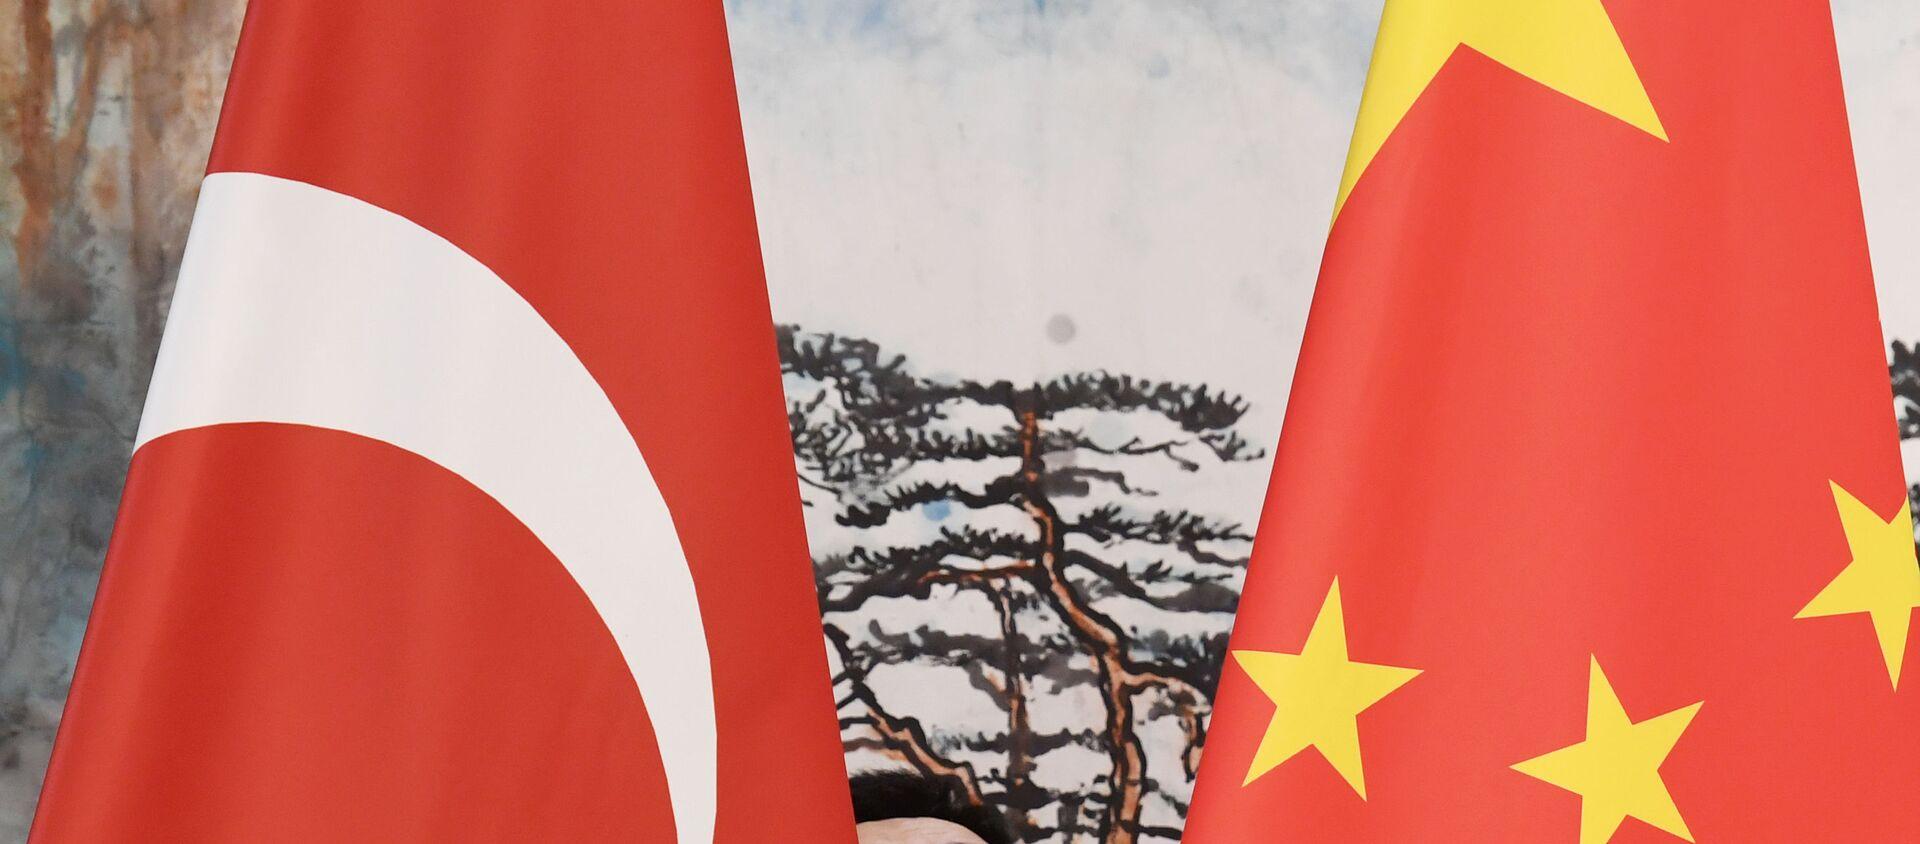 Çin ve Türkiye bayrakları - Sputnik Türkiye, 1920, 26.03.2021